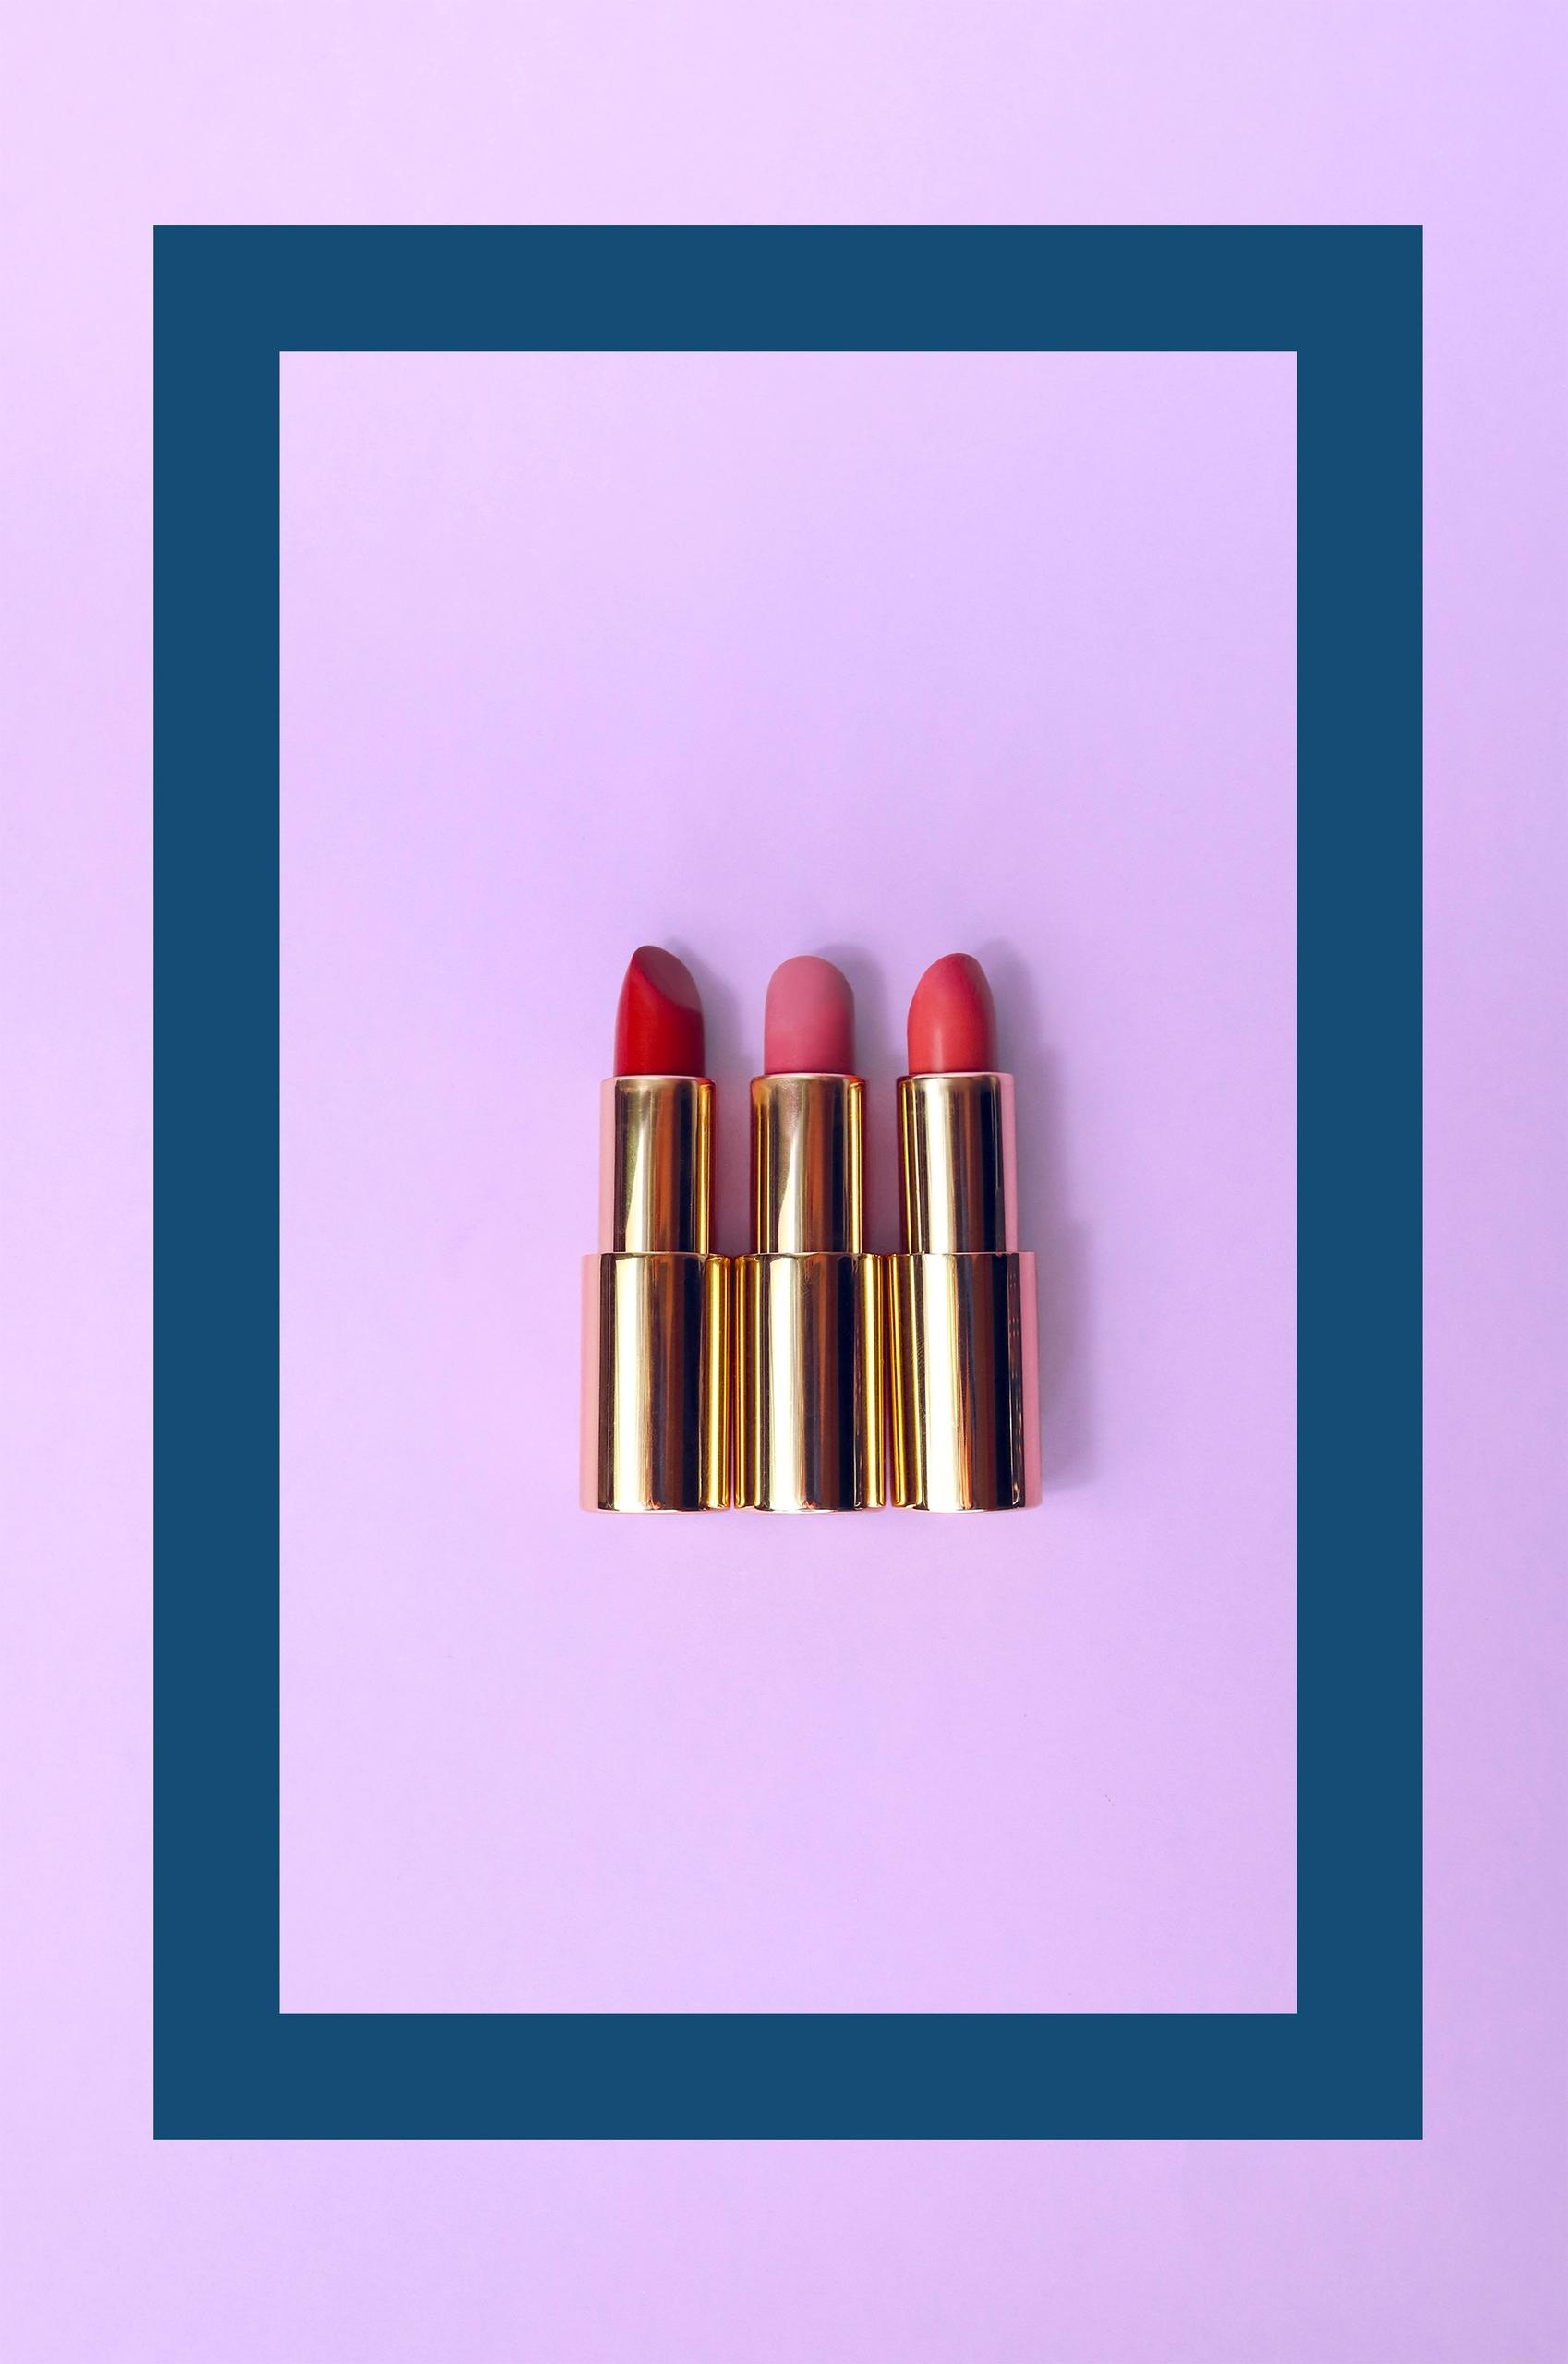 Zdjęcie przedstawia trzy pomadki w ramie na jasno-fioletowym tle.